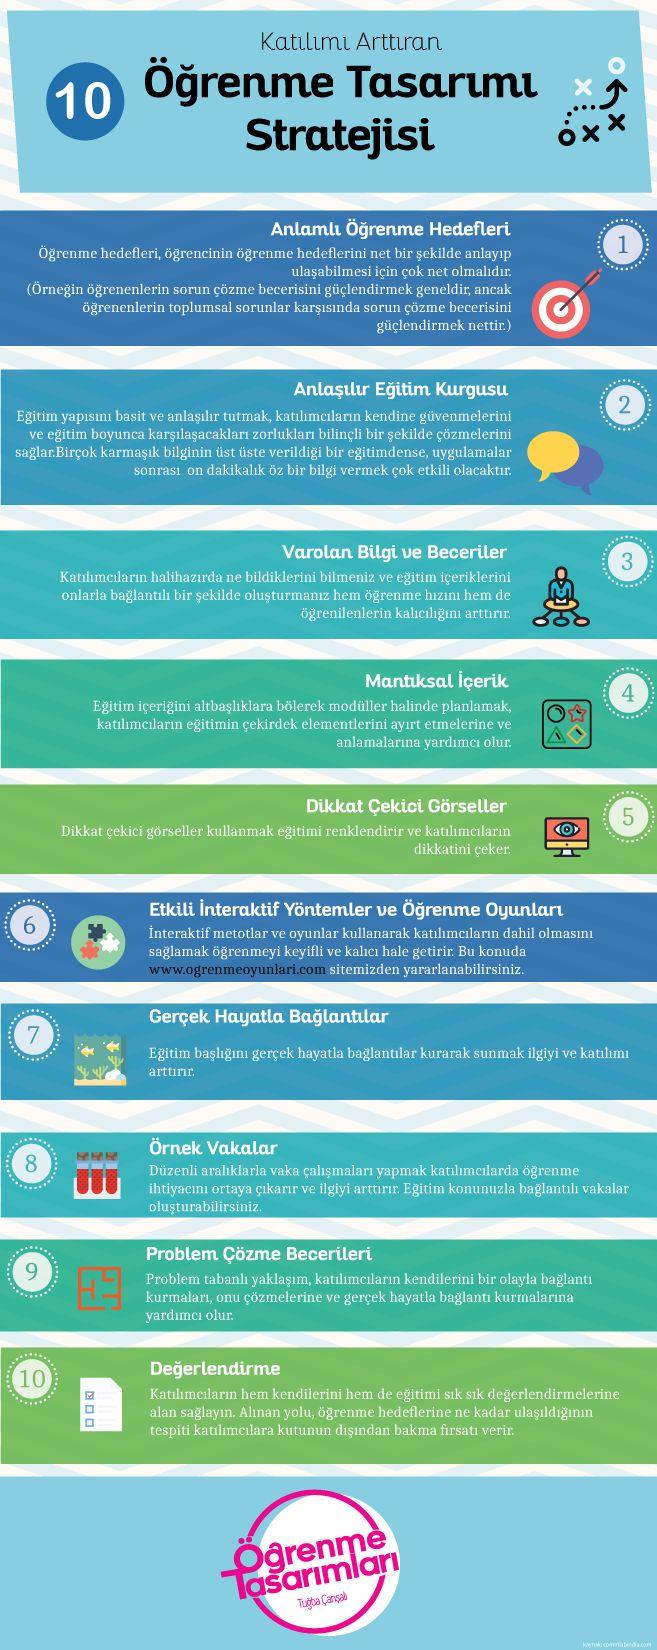 Siz eğitimlerinizi nasıl tasarlıyorsunuz? İyi bir öğrenme deneyimi için ipuçları...   http://www.tugbacansali.com/10-ogrenme-tasarimi-stratejisi